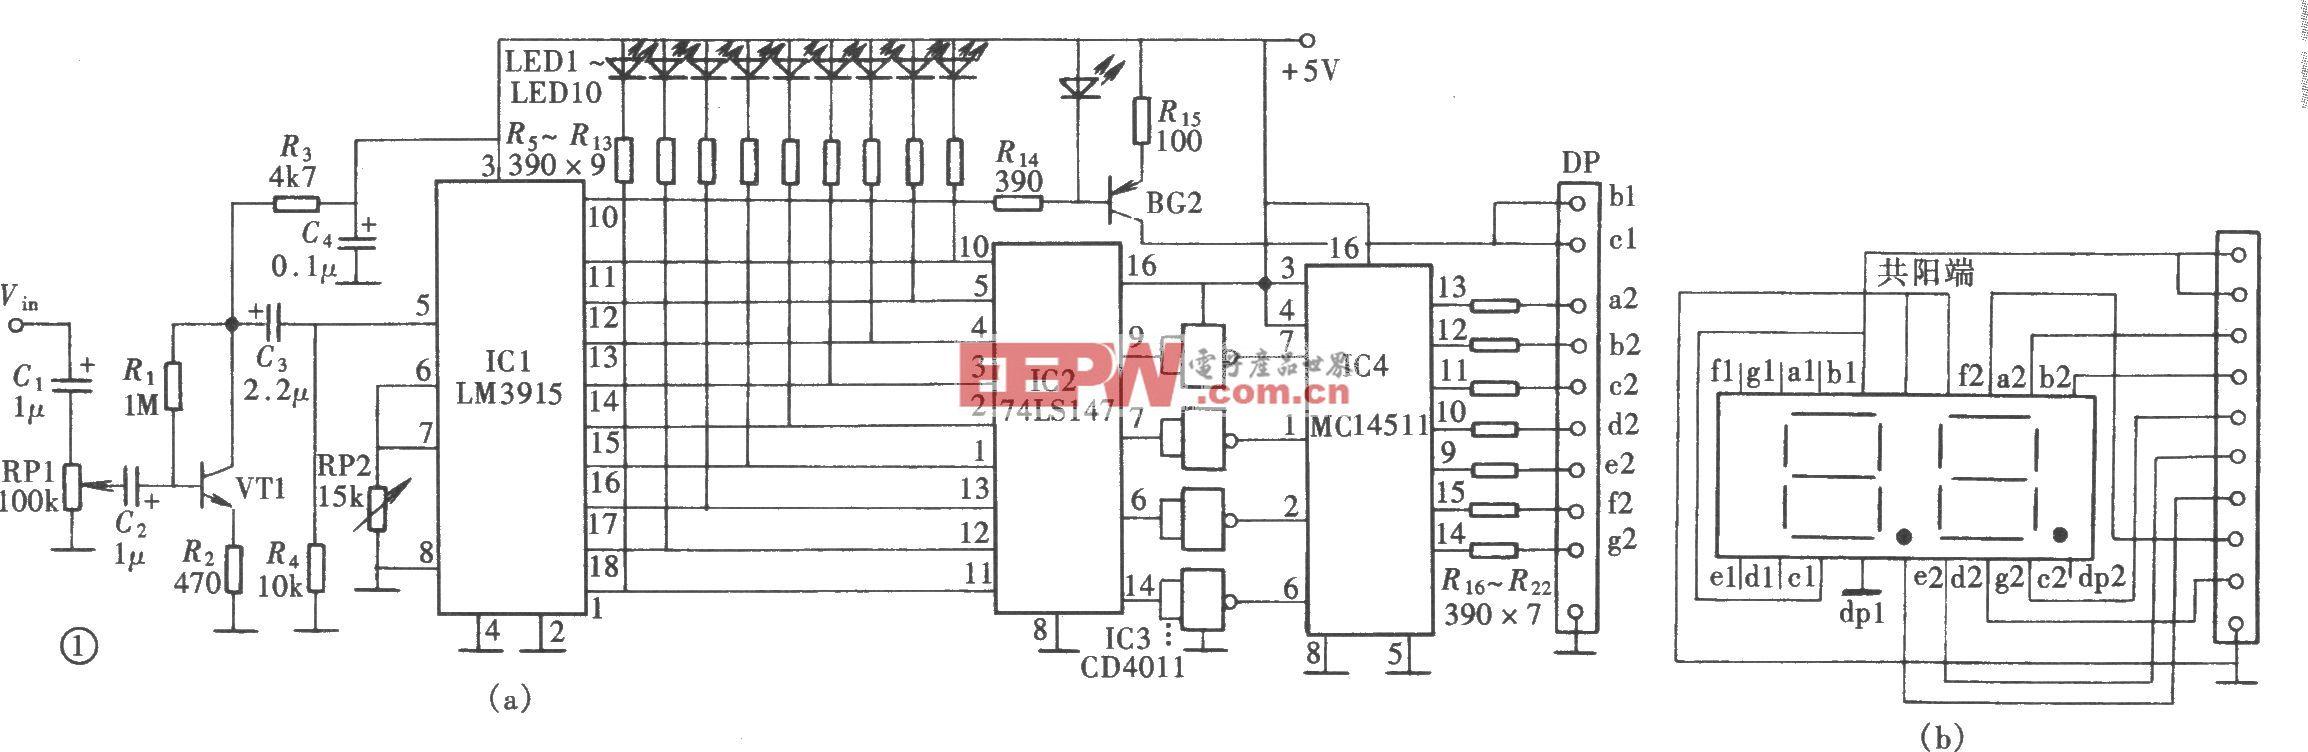 音响电平LED与数码双显示电路